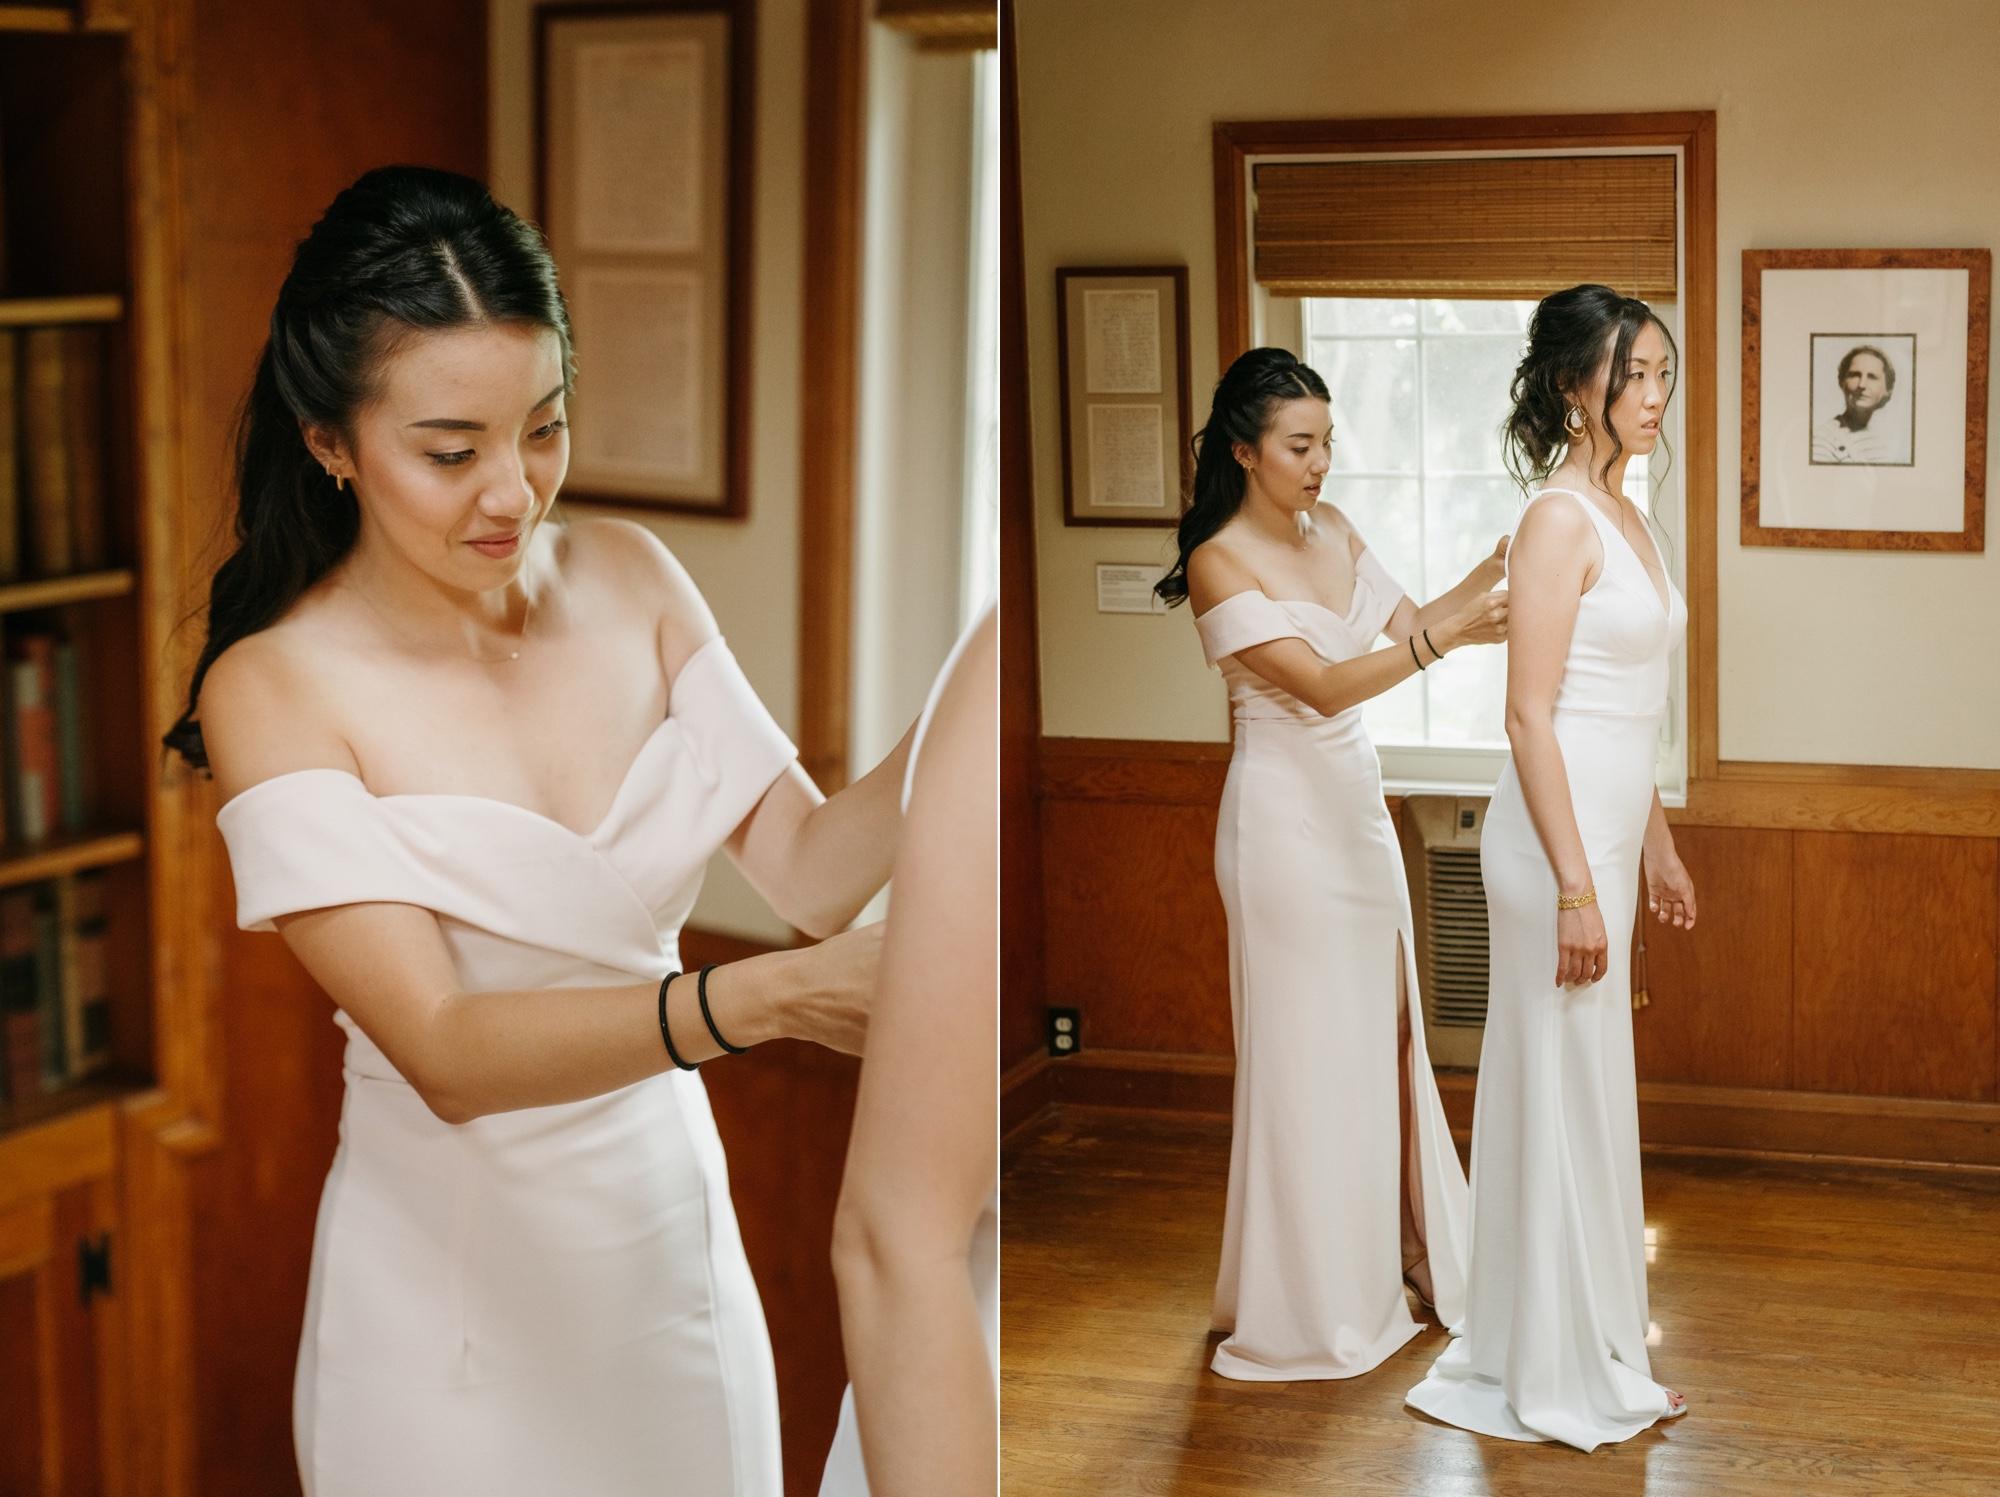 012_Shawna and Steve's Wedding-51_Shawna and Steve's Wedding-53.jpg